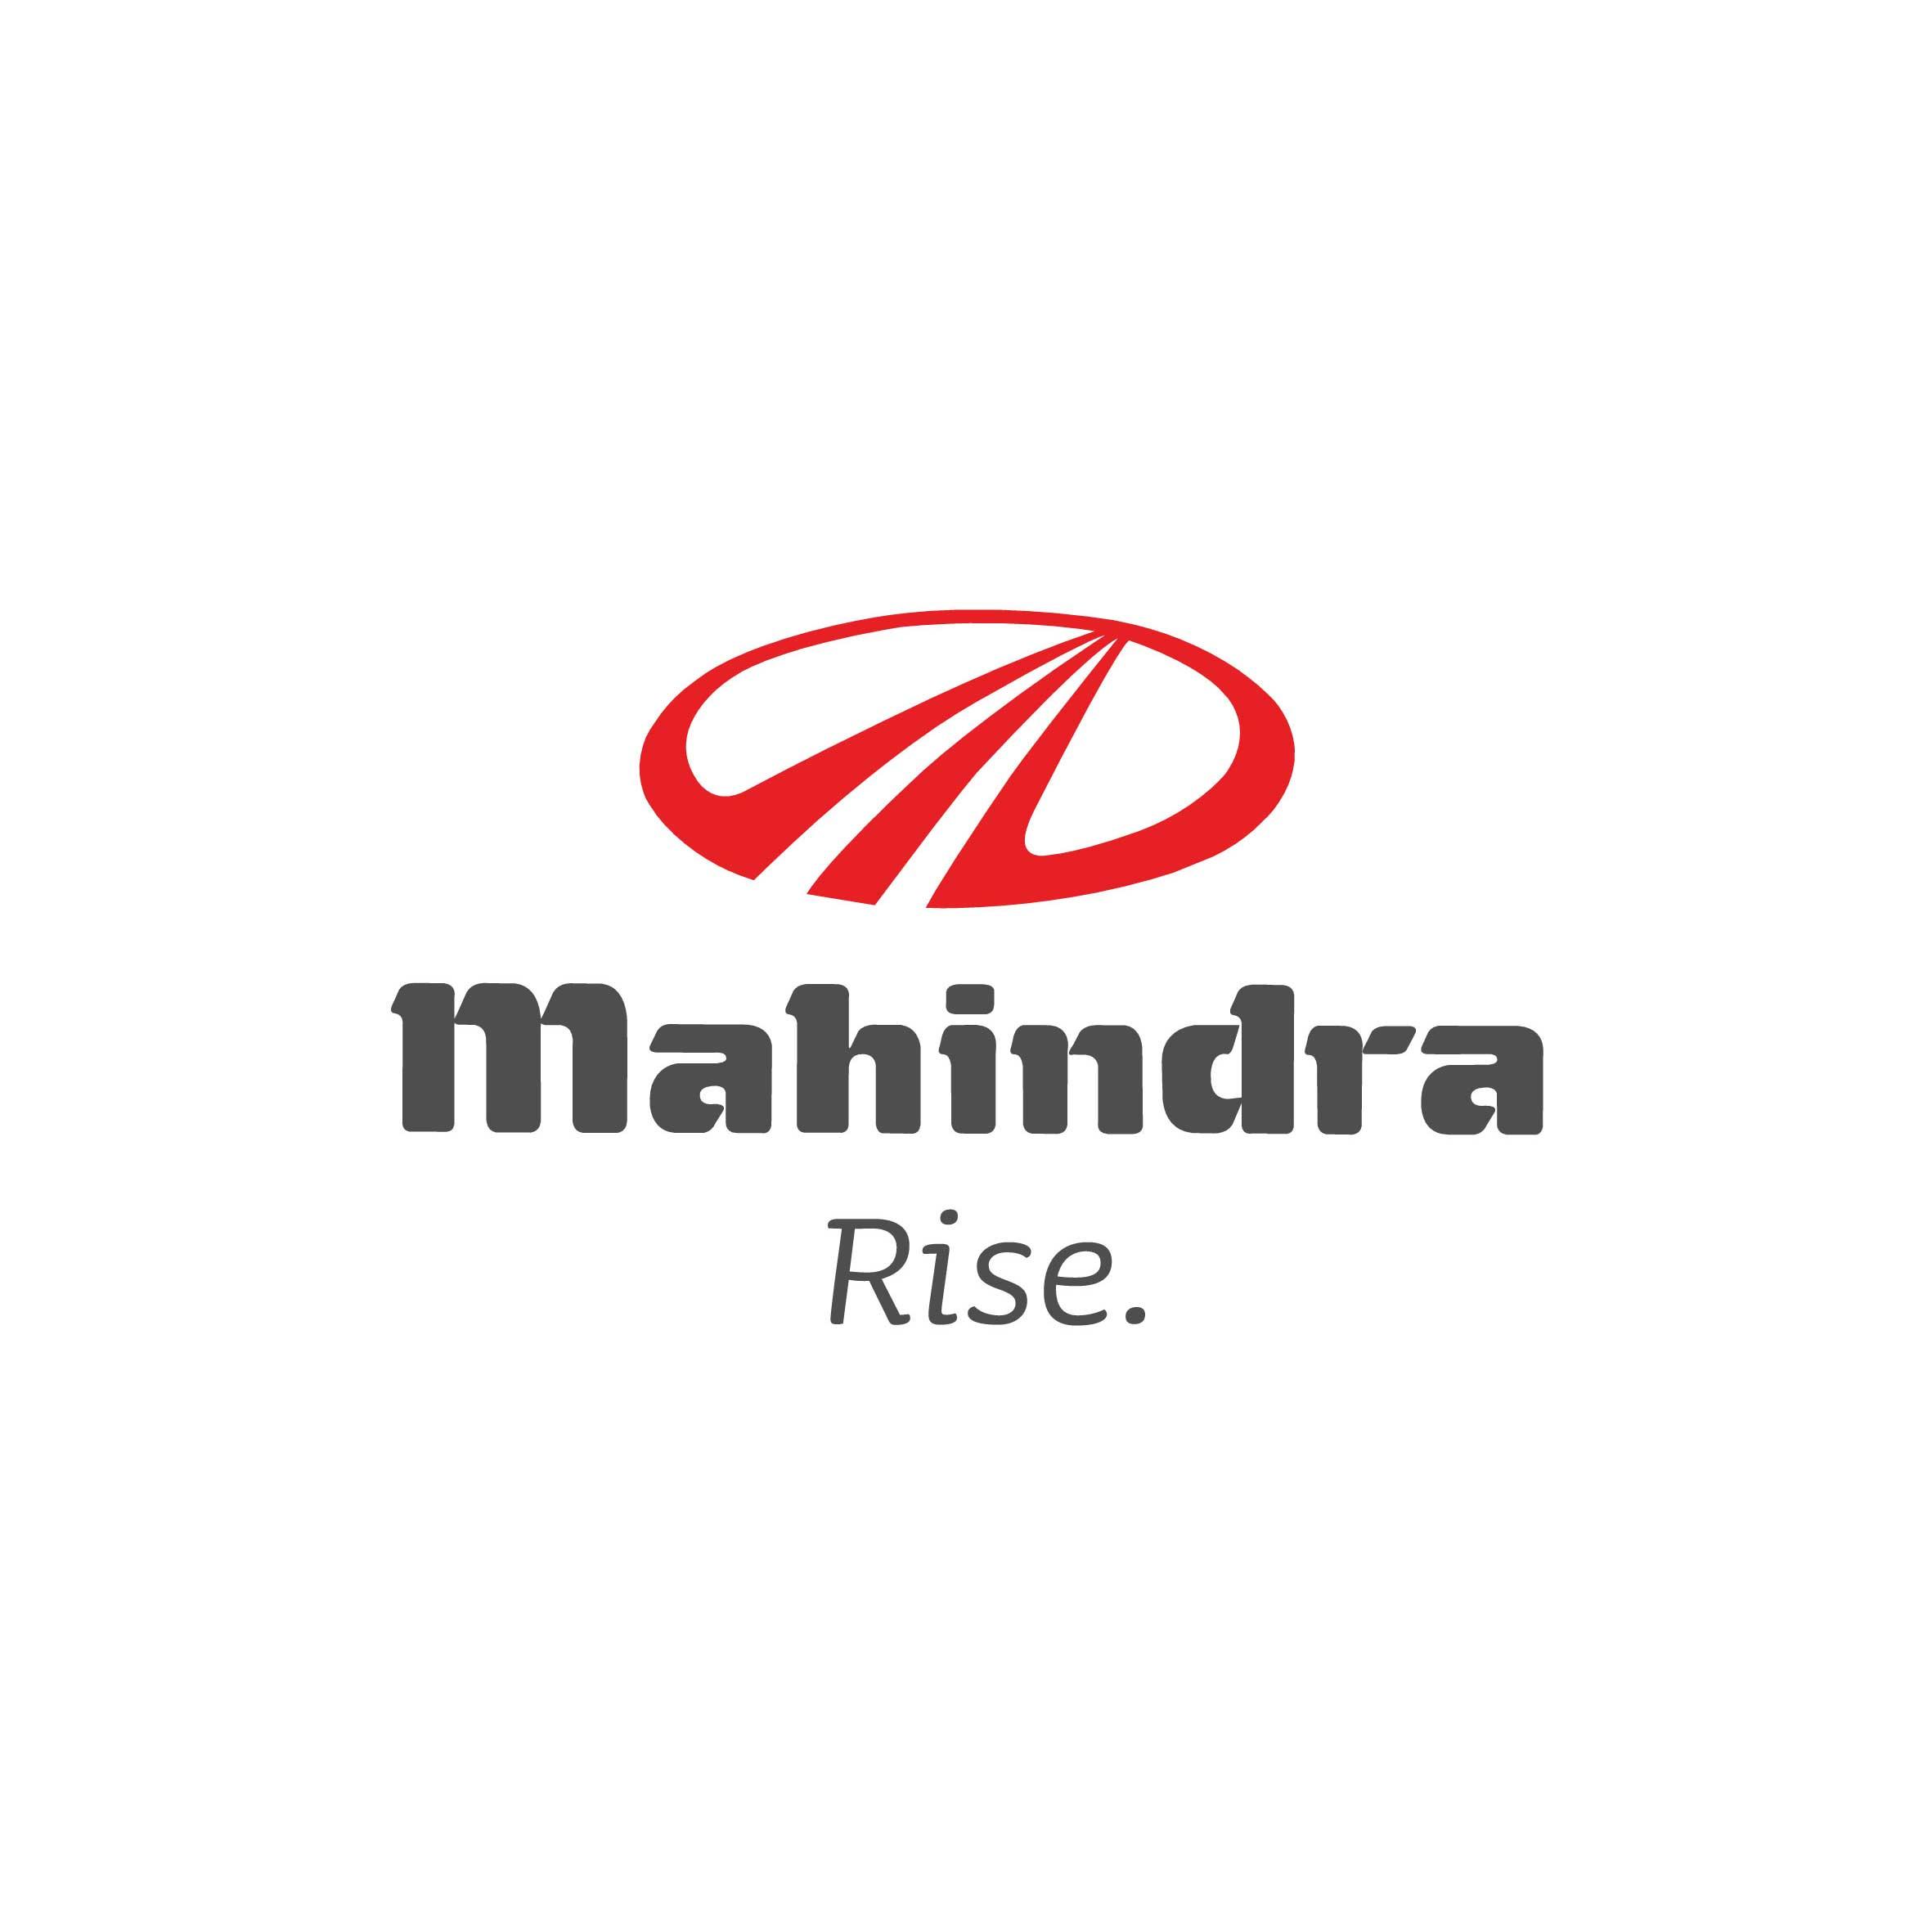 Mahindra-Mahindra-logo.jpg